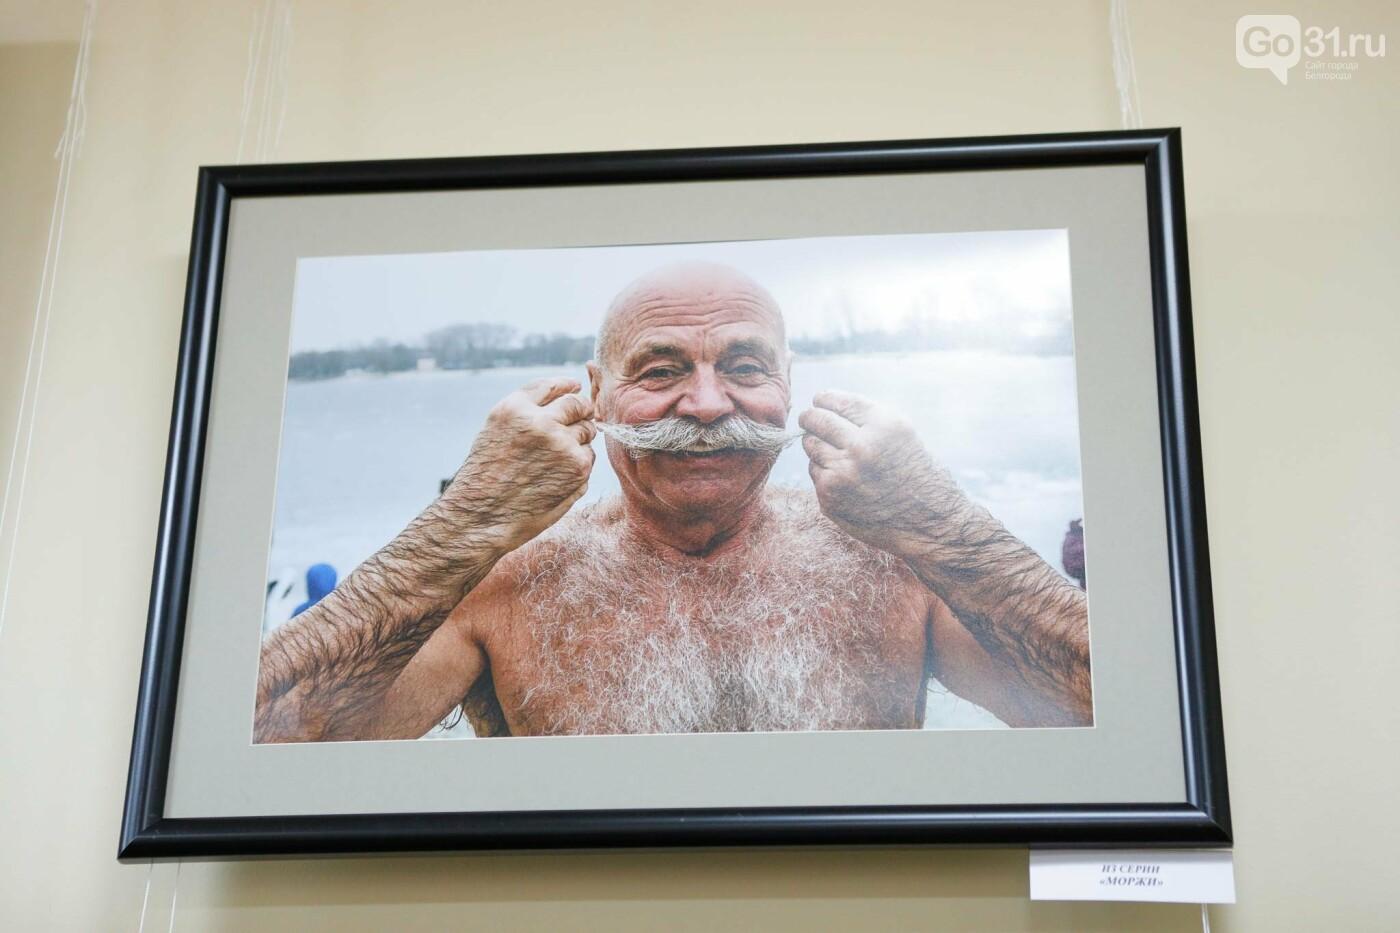 «Вежливое кредо». В Белгороде открылась персональная фотовыставка Валерия Морева, фото-8